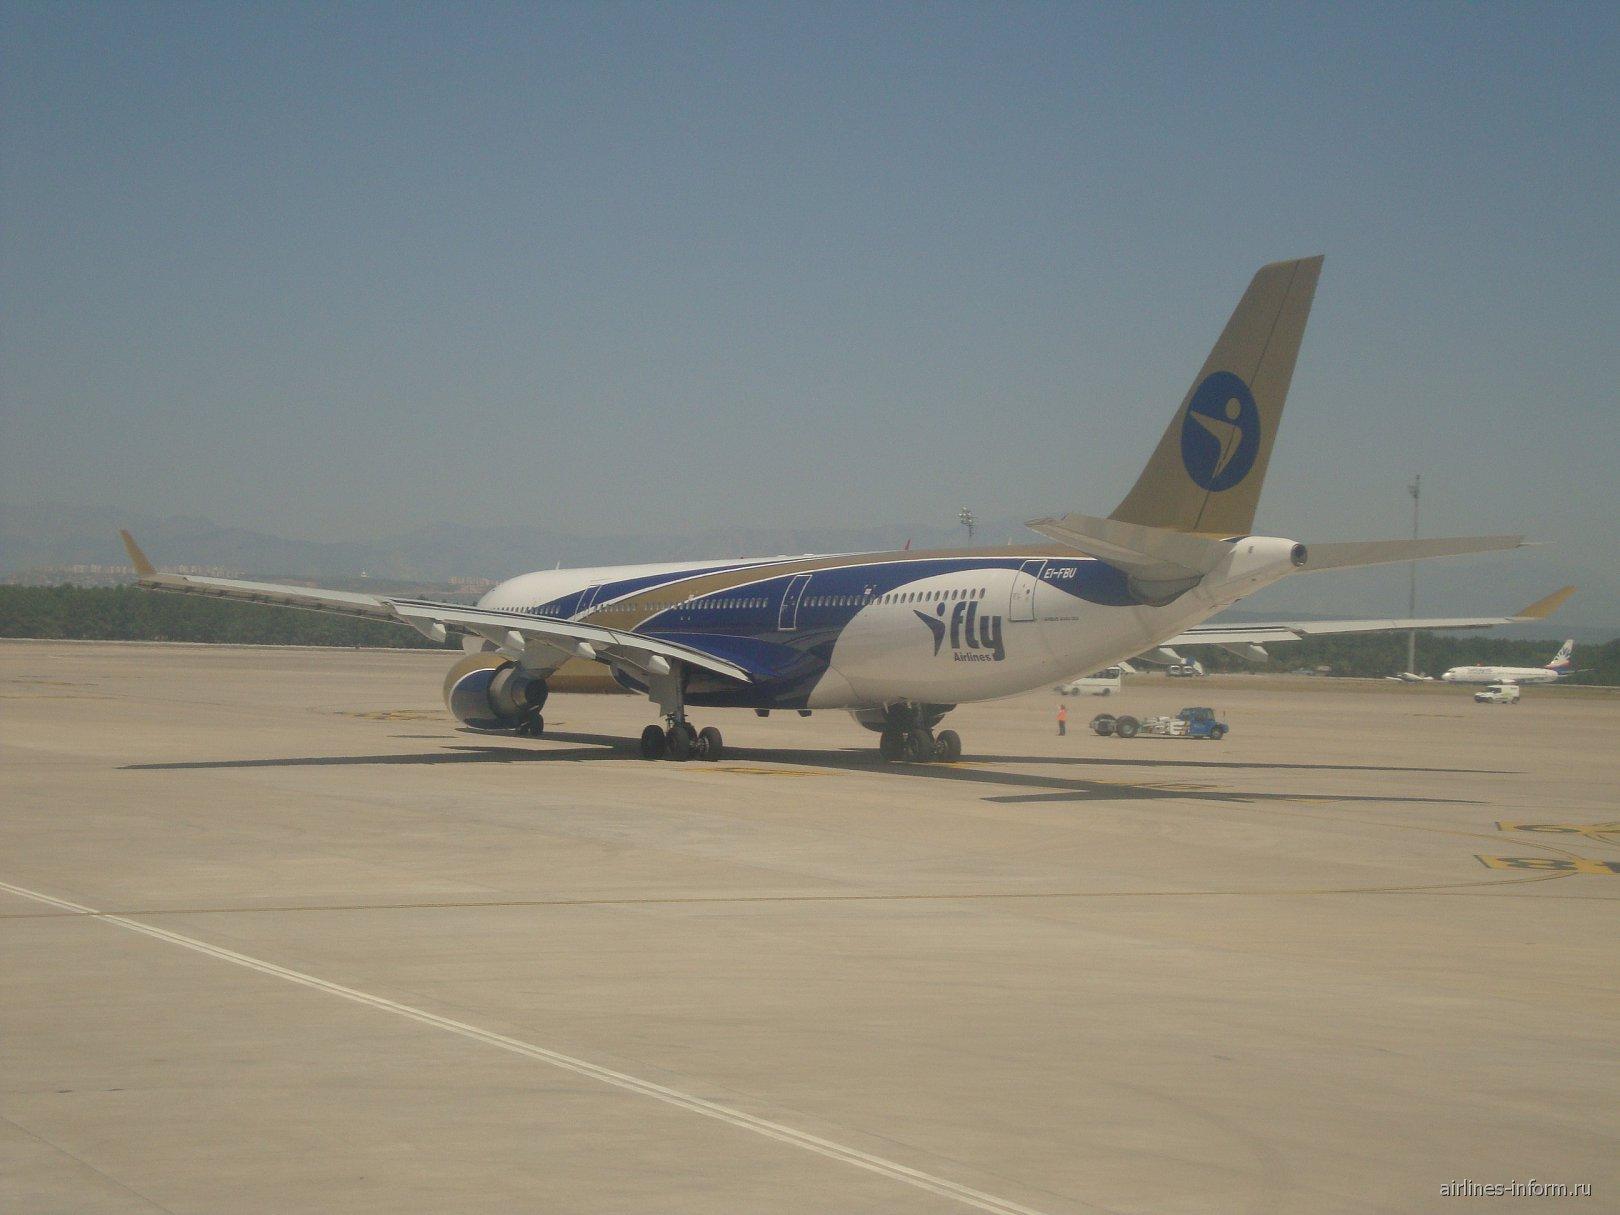 Эрбас А330 Ай Флай в аэропорту Антальи